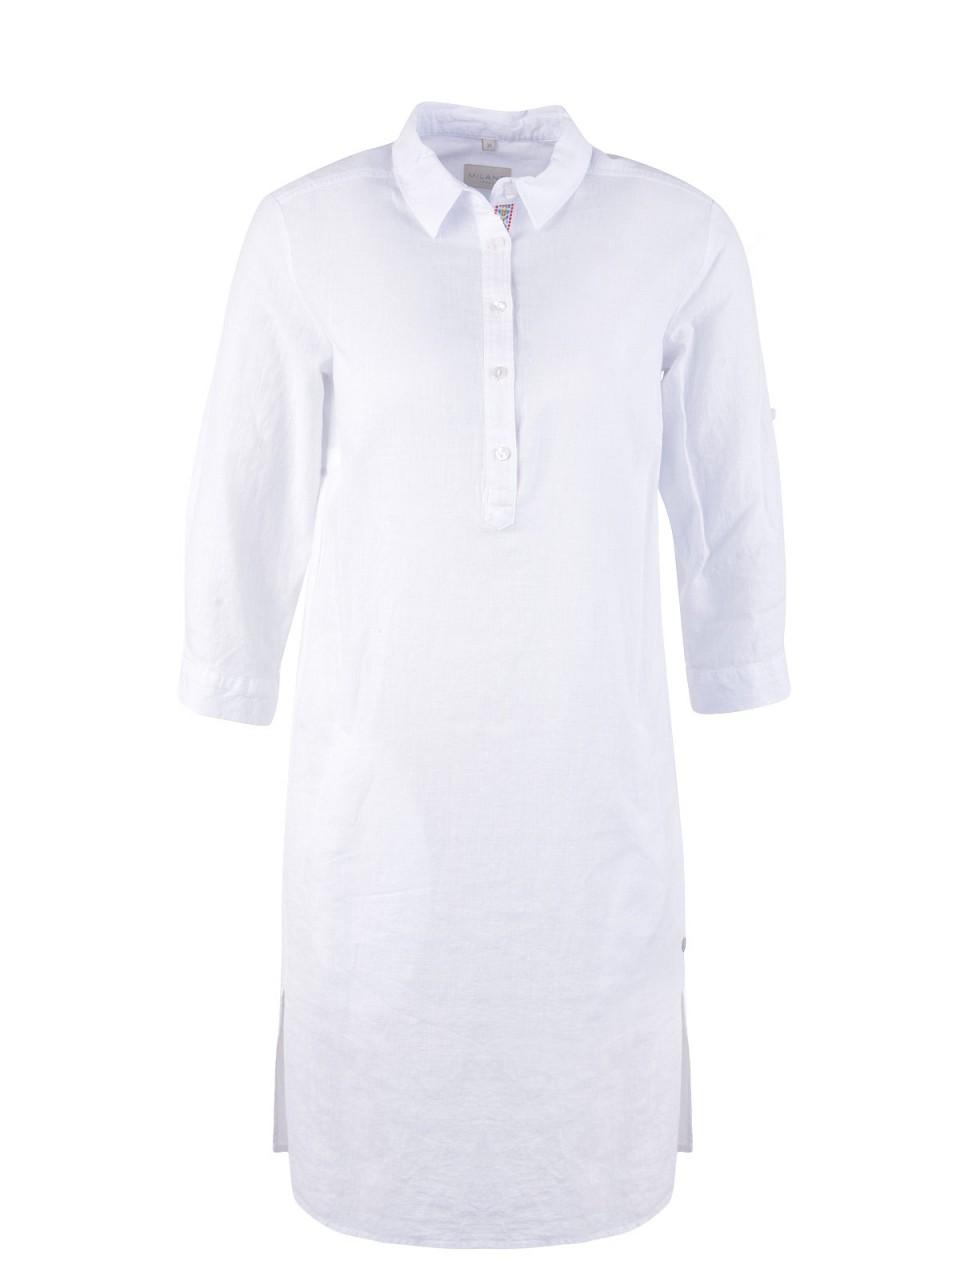 Kleider - MILANO ITALY Damen Kleid, weiß  - Onlineshop Designermode.com